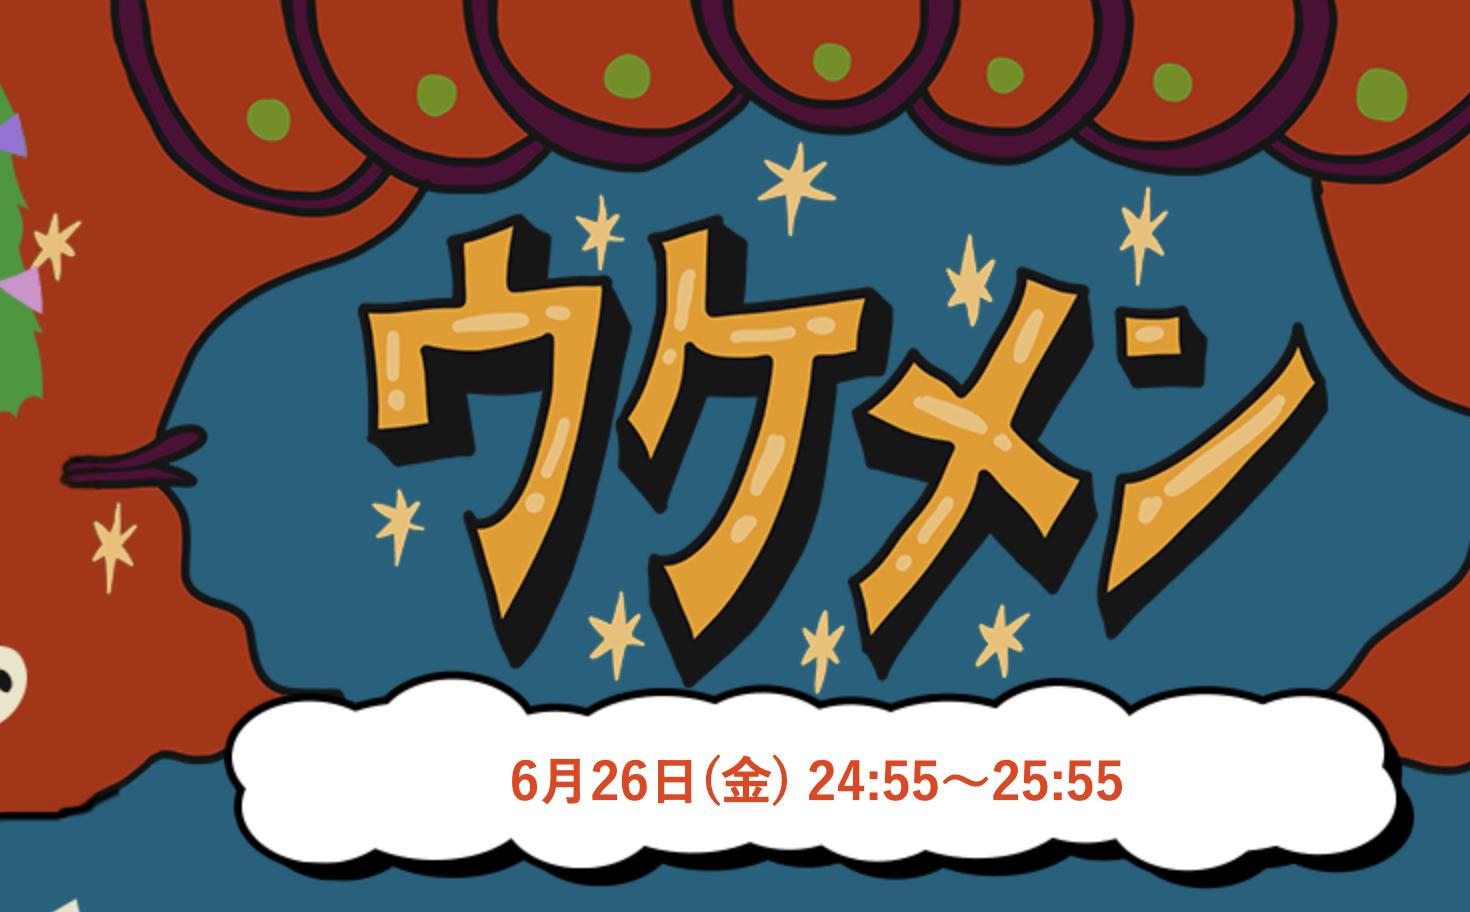 ウケメン(ABC塚田僚一)6月26日の無料動画や見逃し配信をフル視聴する方法!